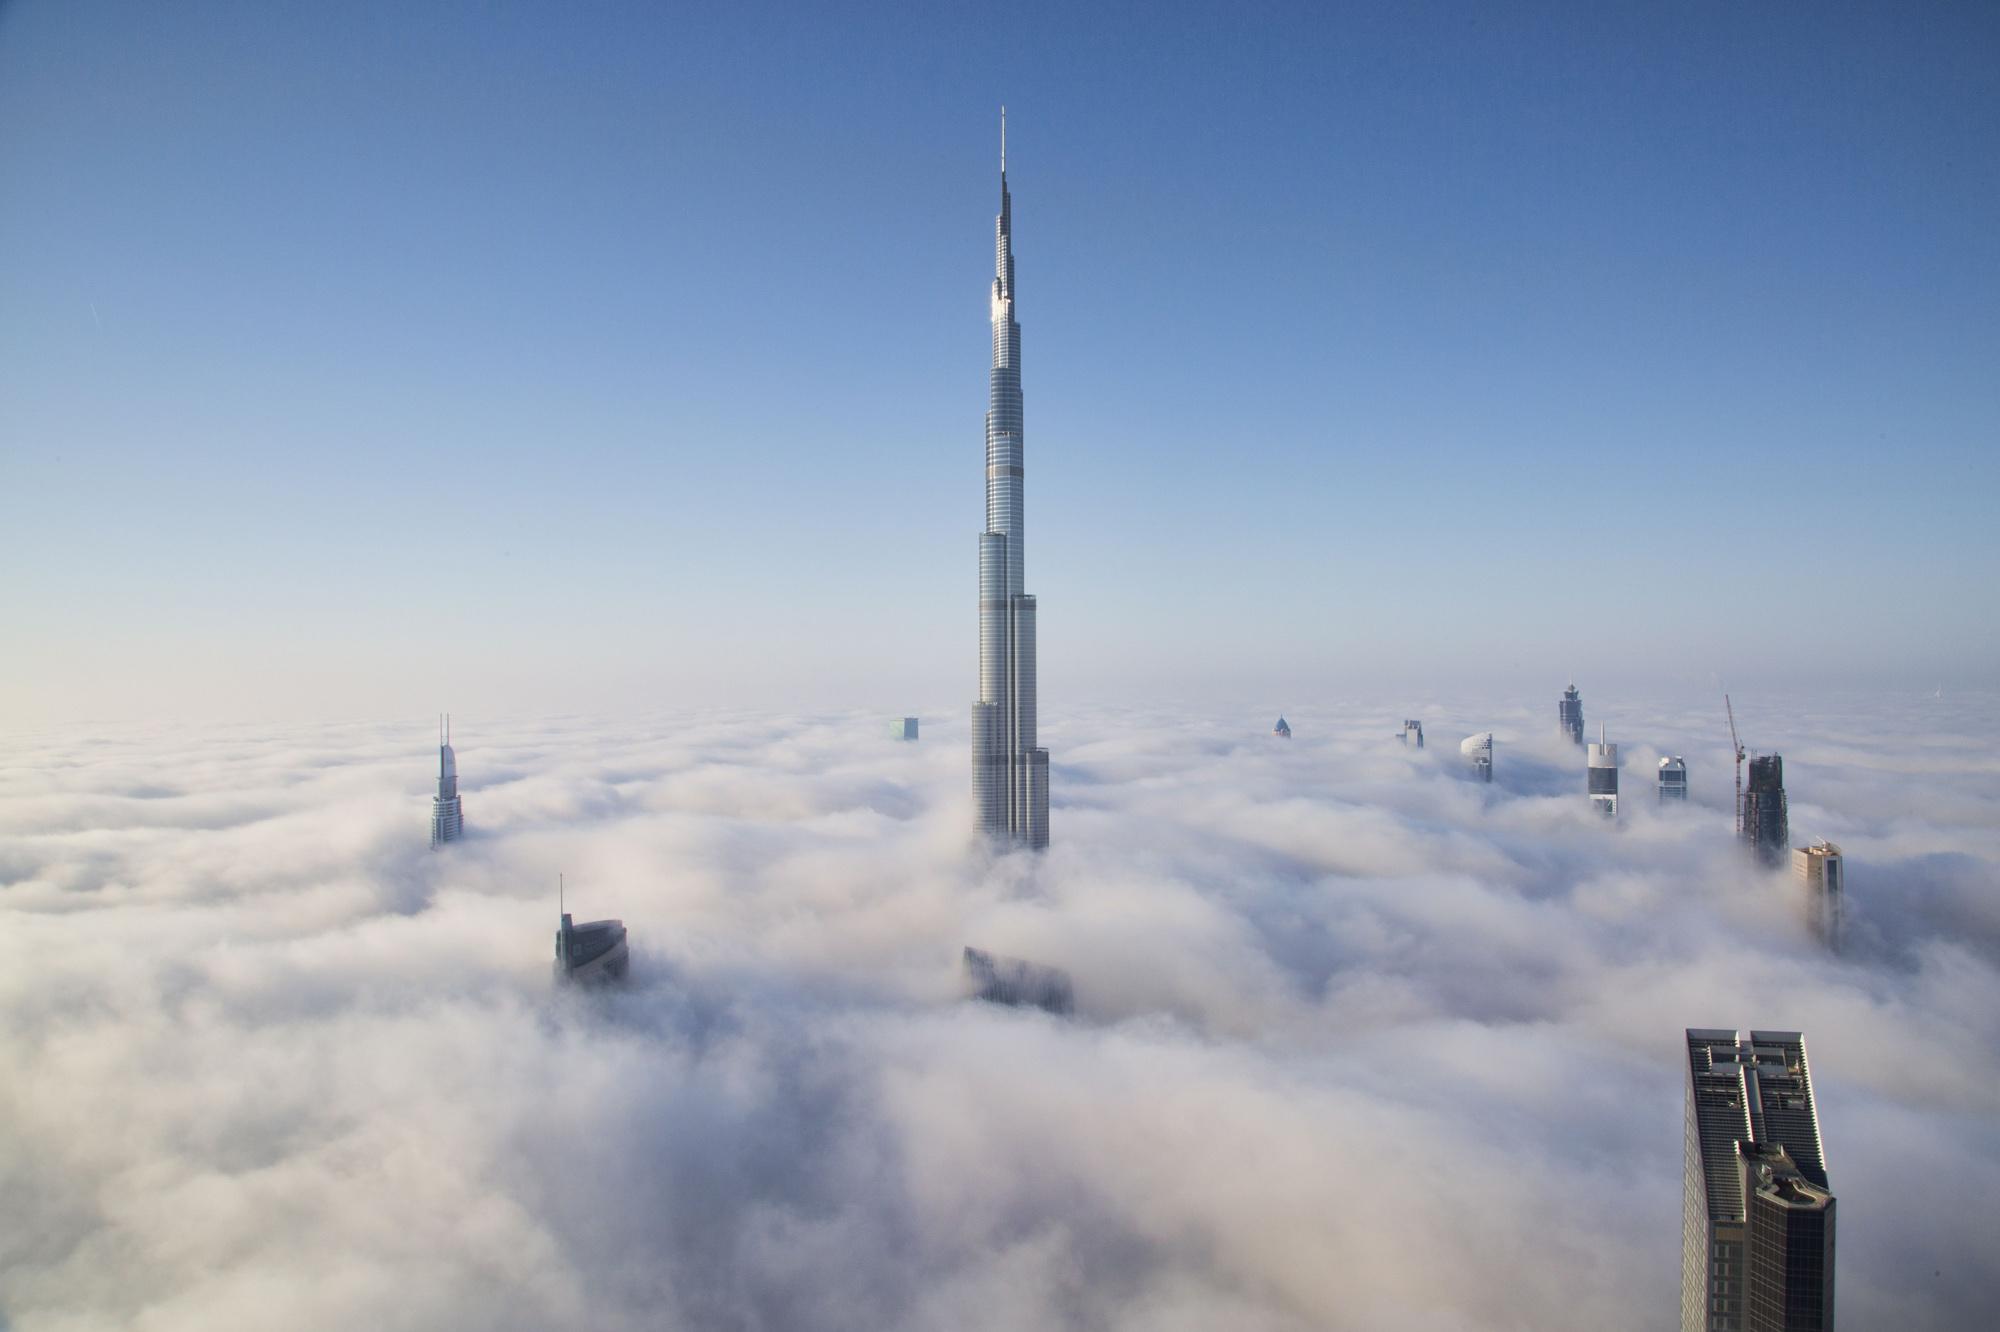 Les plus grandes tours du monde voyagehouse - Les plus haut building du monde ...